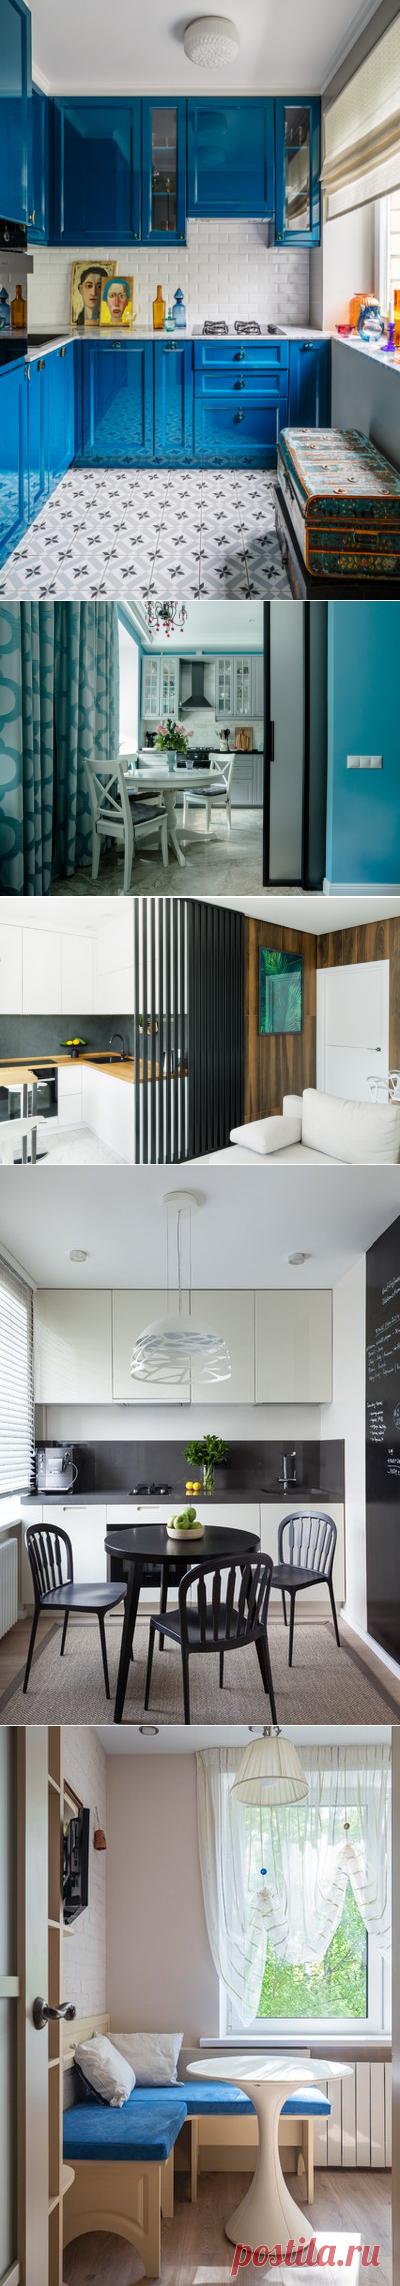 Дизайн кухни 7 кв метров, интерьер маленькой кухни